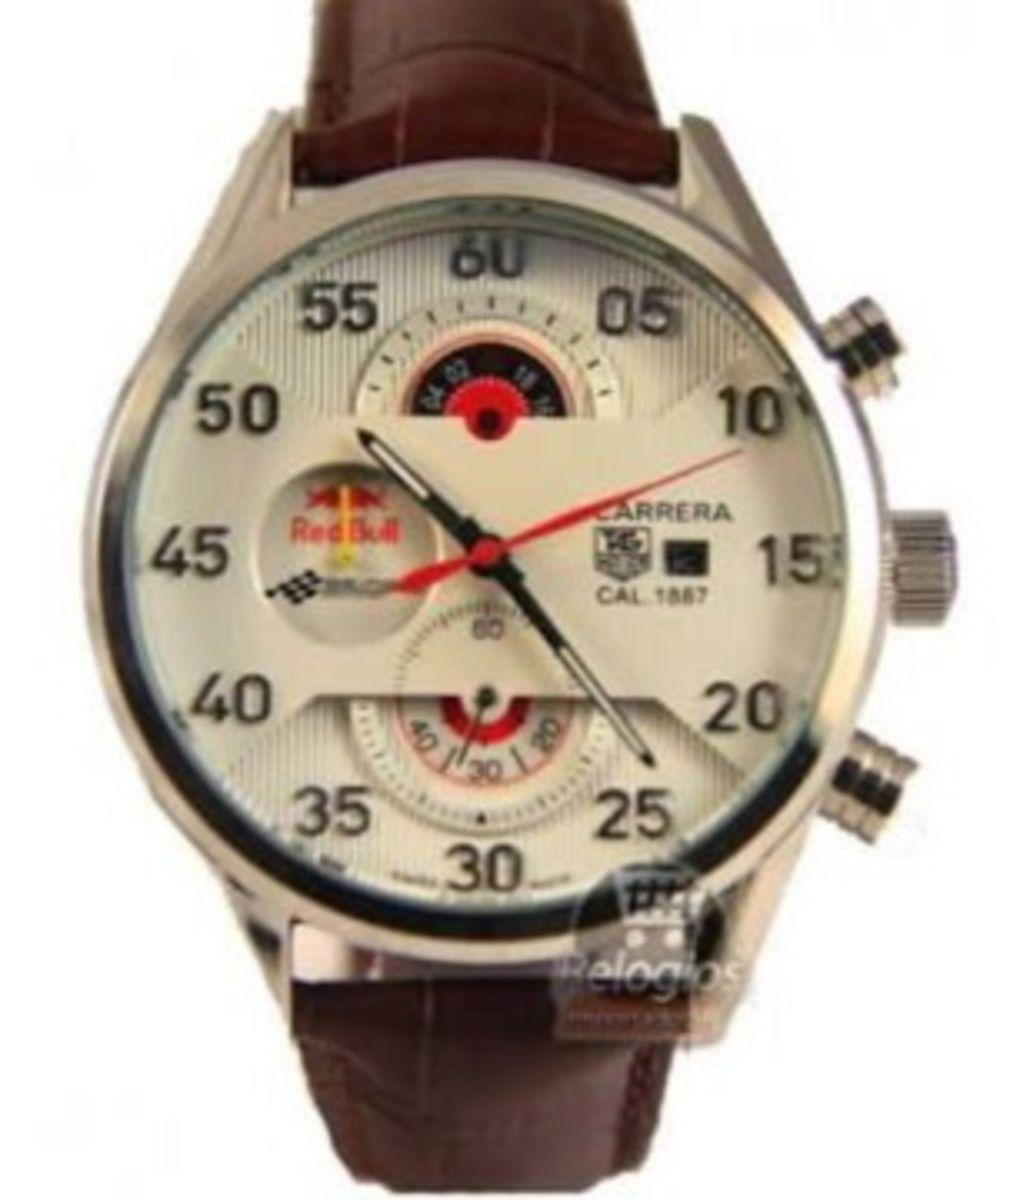 9176a985034 relógio tag heuer red bull - relógios tag heuer.  Czm6ly9wag90b3muzw5qb2vplmnvbs5ici9wcm9kdwn0cy80odq2oti2lzjjytvmoti2mgu1ogq5ztc3y2jiyzqznwy4odbindyzlmpwzw